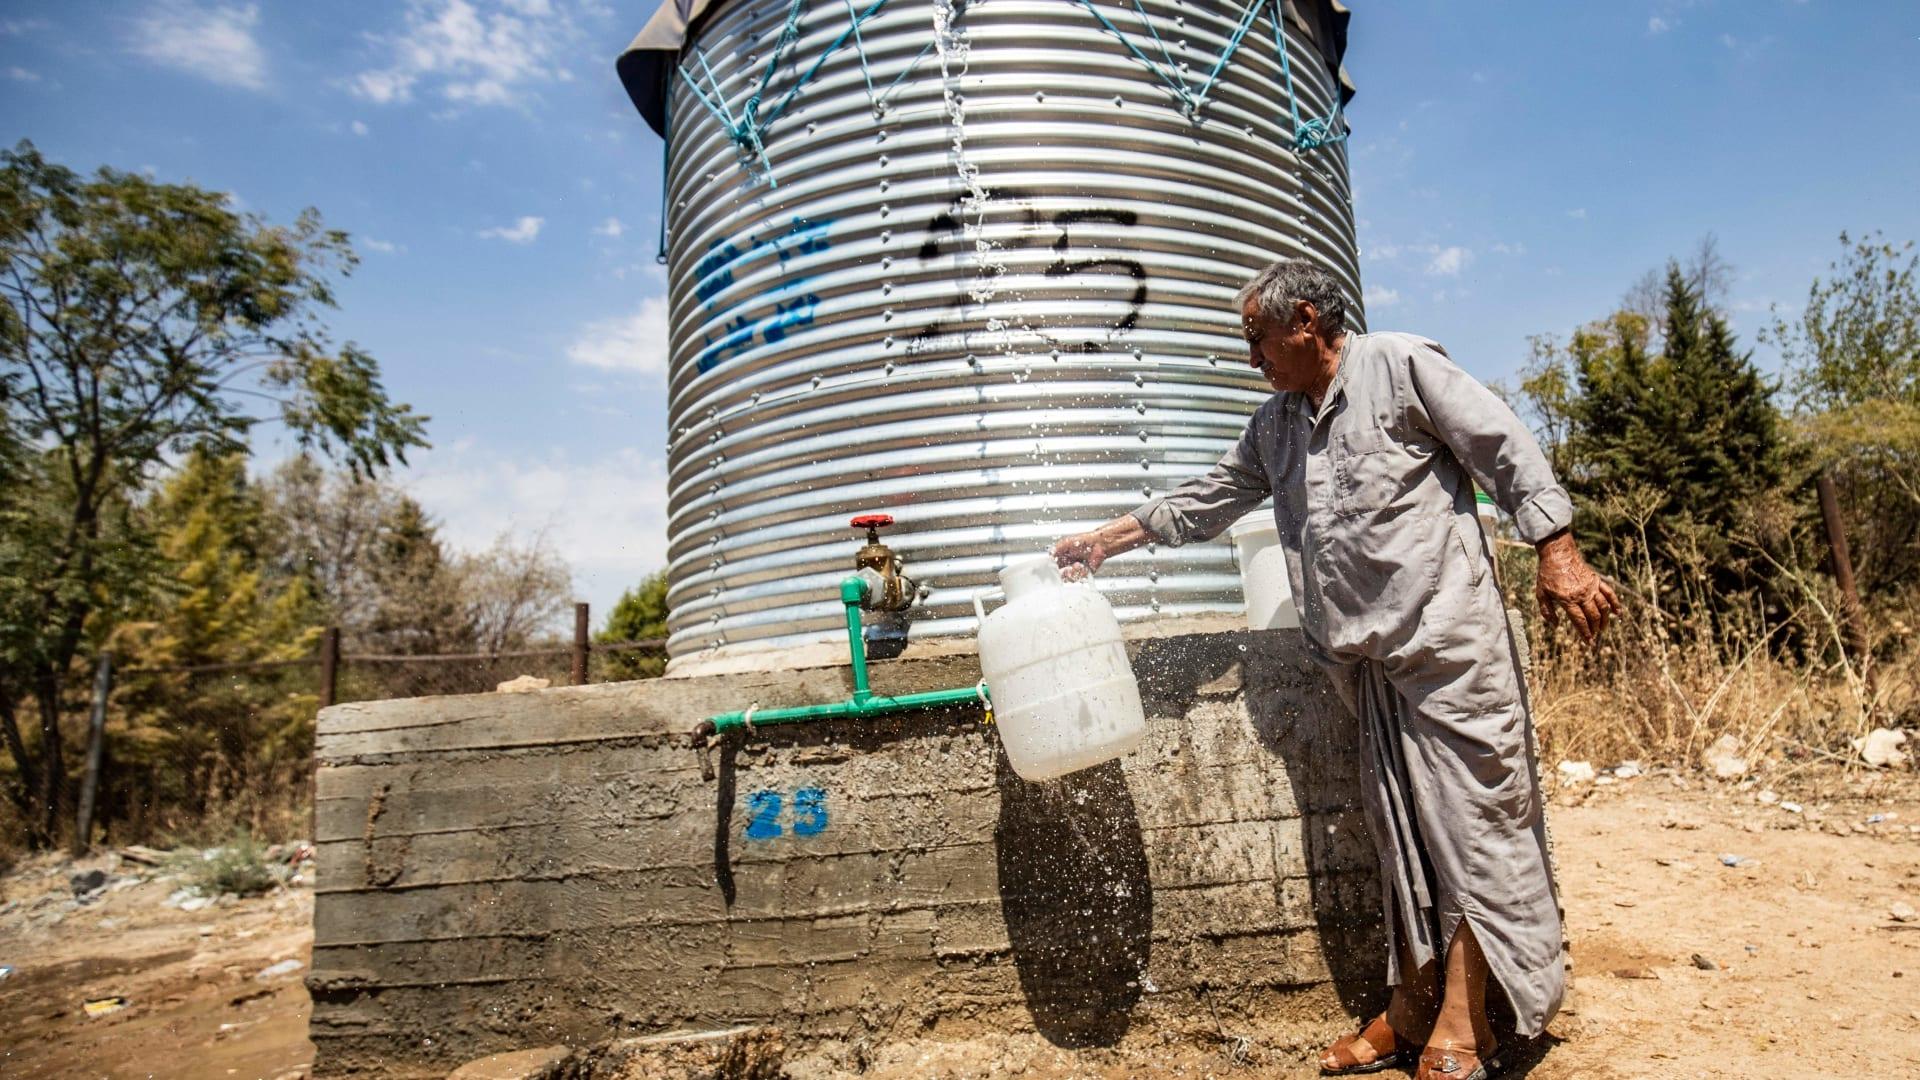 رجل يملأ ماء من خزان أعدته منظمات إنسانية في الحسكة بـ22 أغسطس 2020